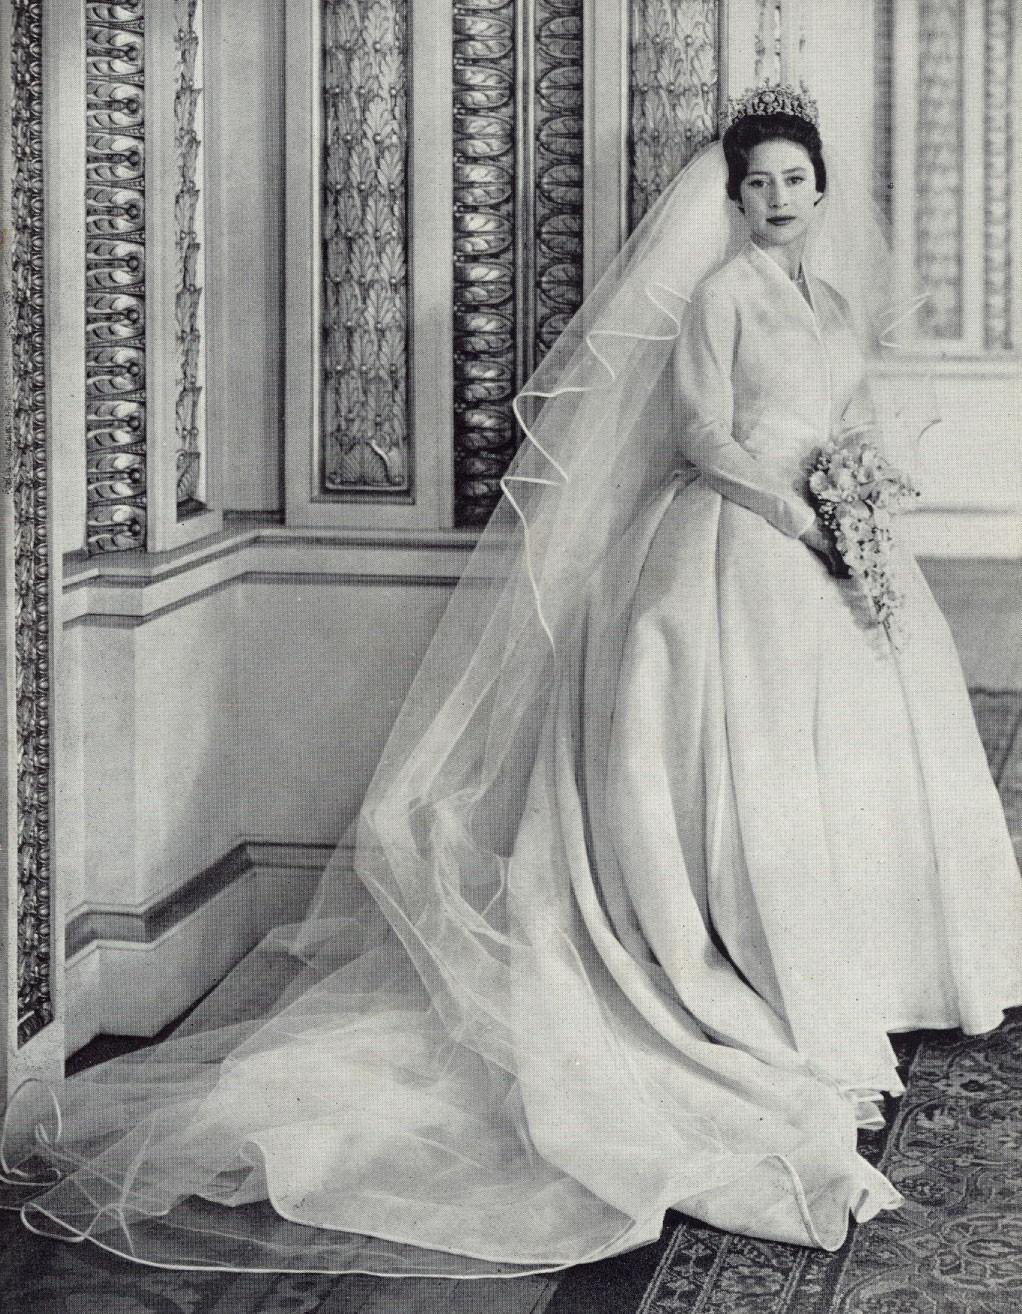 Xu hướng váy cưới và sự thay đổi của thời trang trong 100 năm qua - Ảnh 1.